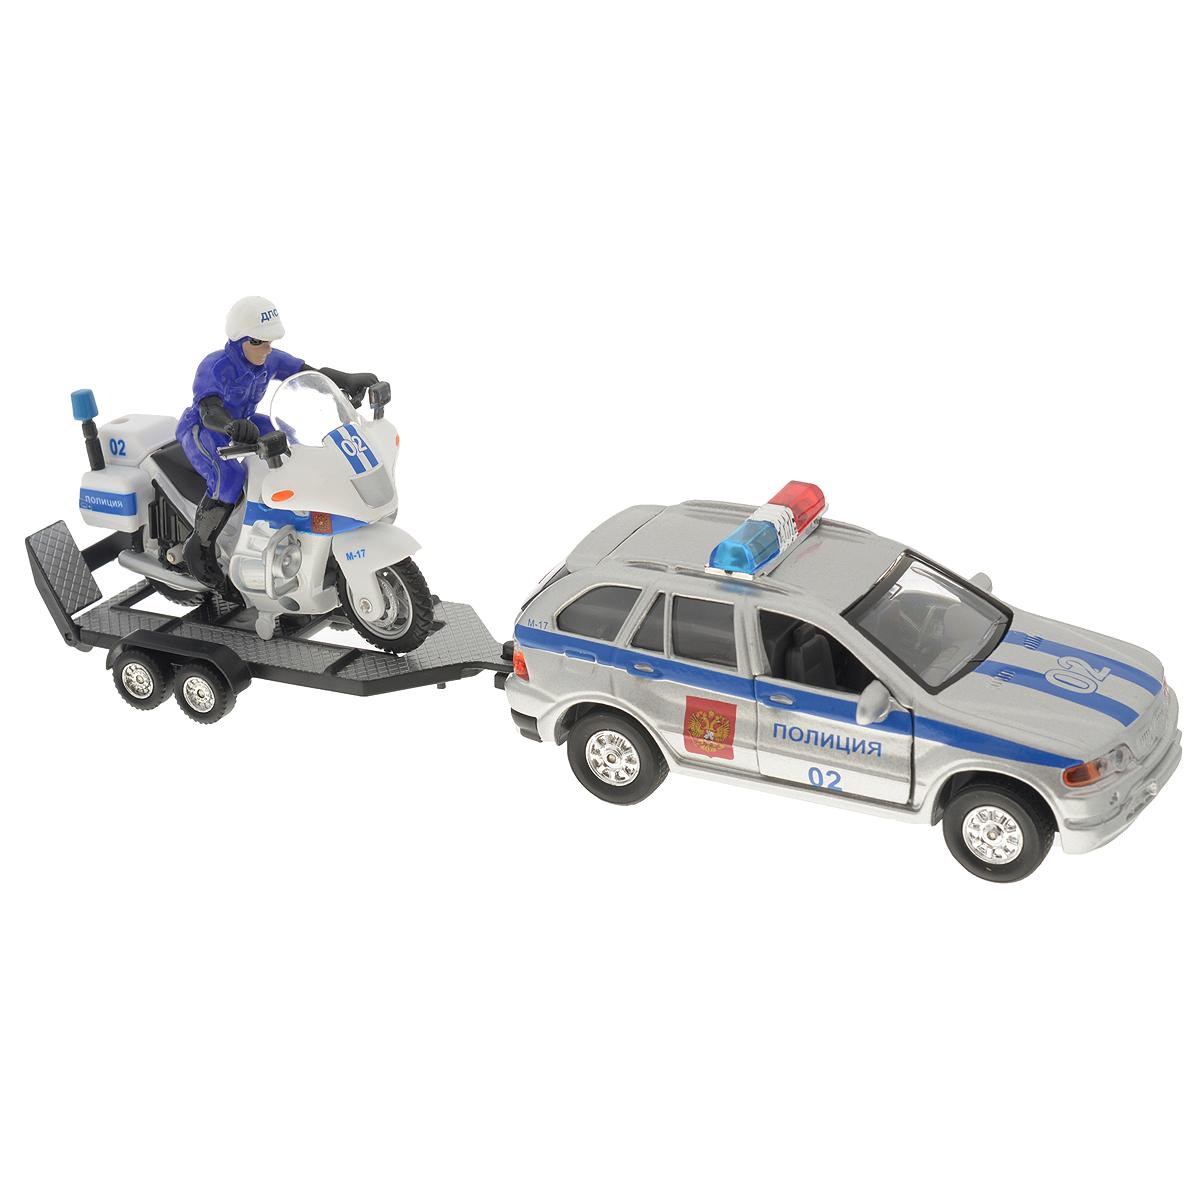 ТехноПарк Игрофой набор Полиция с мотоциклом на прицепеCT11-313Игровой набор Технопарк Полиция с мотоциклом на прицепе несомненно понравится вашему ребенку и не позволит ему скучать. В наборе представлены металлическая инерционная машинка с открывающимися дверьми и багажником, прицеп и мотоцикл с мотоциклистом. Машинка оборудована звуковыми и световыми эффектами - при нажатии на крышу машинки раздастся голос диспетчера и замигают огоньки. Игрушка оснащена инерционным ходом. Машинку необходимо отвести назад, затем отпустить - и она быстро поедет вперед. Прорезиненные колеса обеспечивают надежное сцепление с любой поверхностью пола. Ваш ребенок будет часами играть с набором, придумывая различные истории. С таким набором можно придумать множество игровых сюжетов для увлекательного и веселого времяпрепровождения. Этот игровой набор обязательно понравится вашему ребенку и поможет обеспечить увлекательный досуг. Порадуйте своего малыша такой интересной игрушкой!